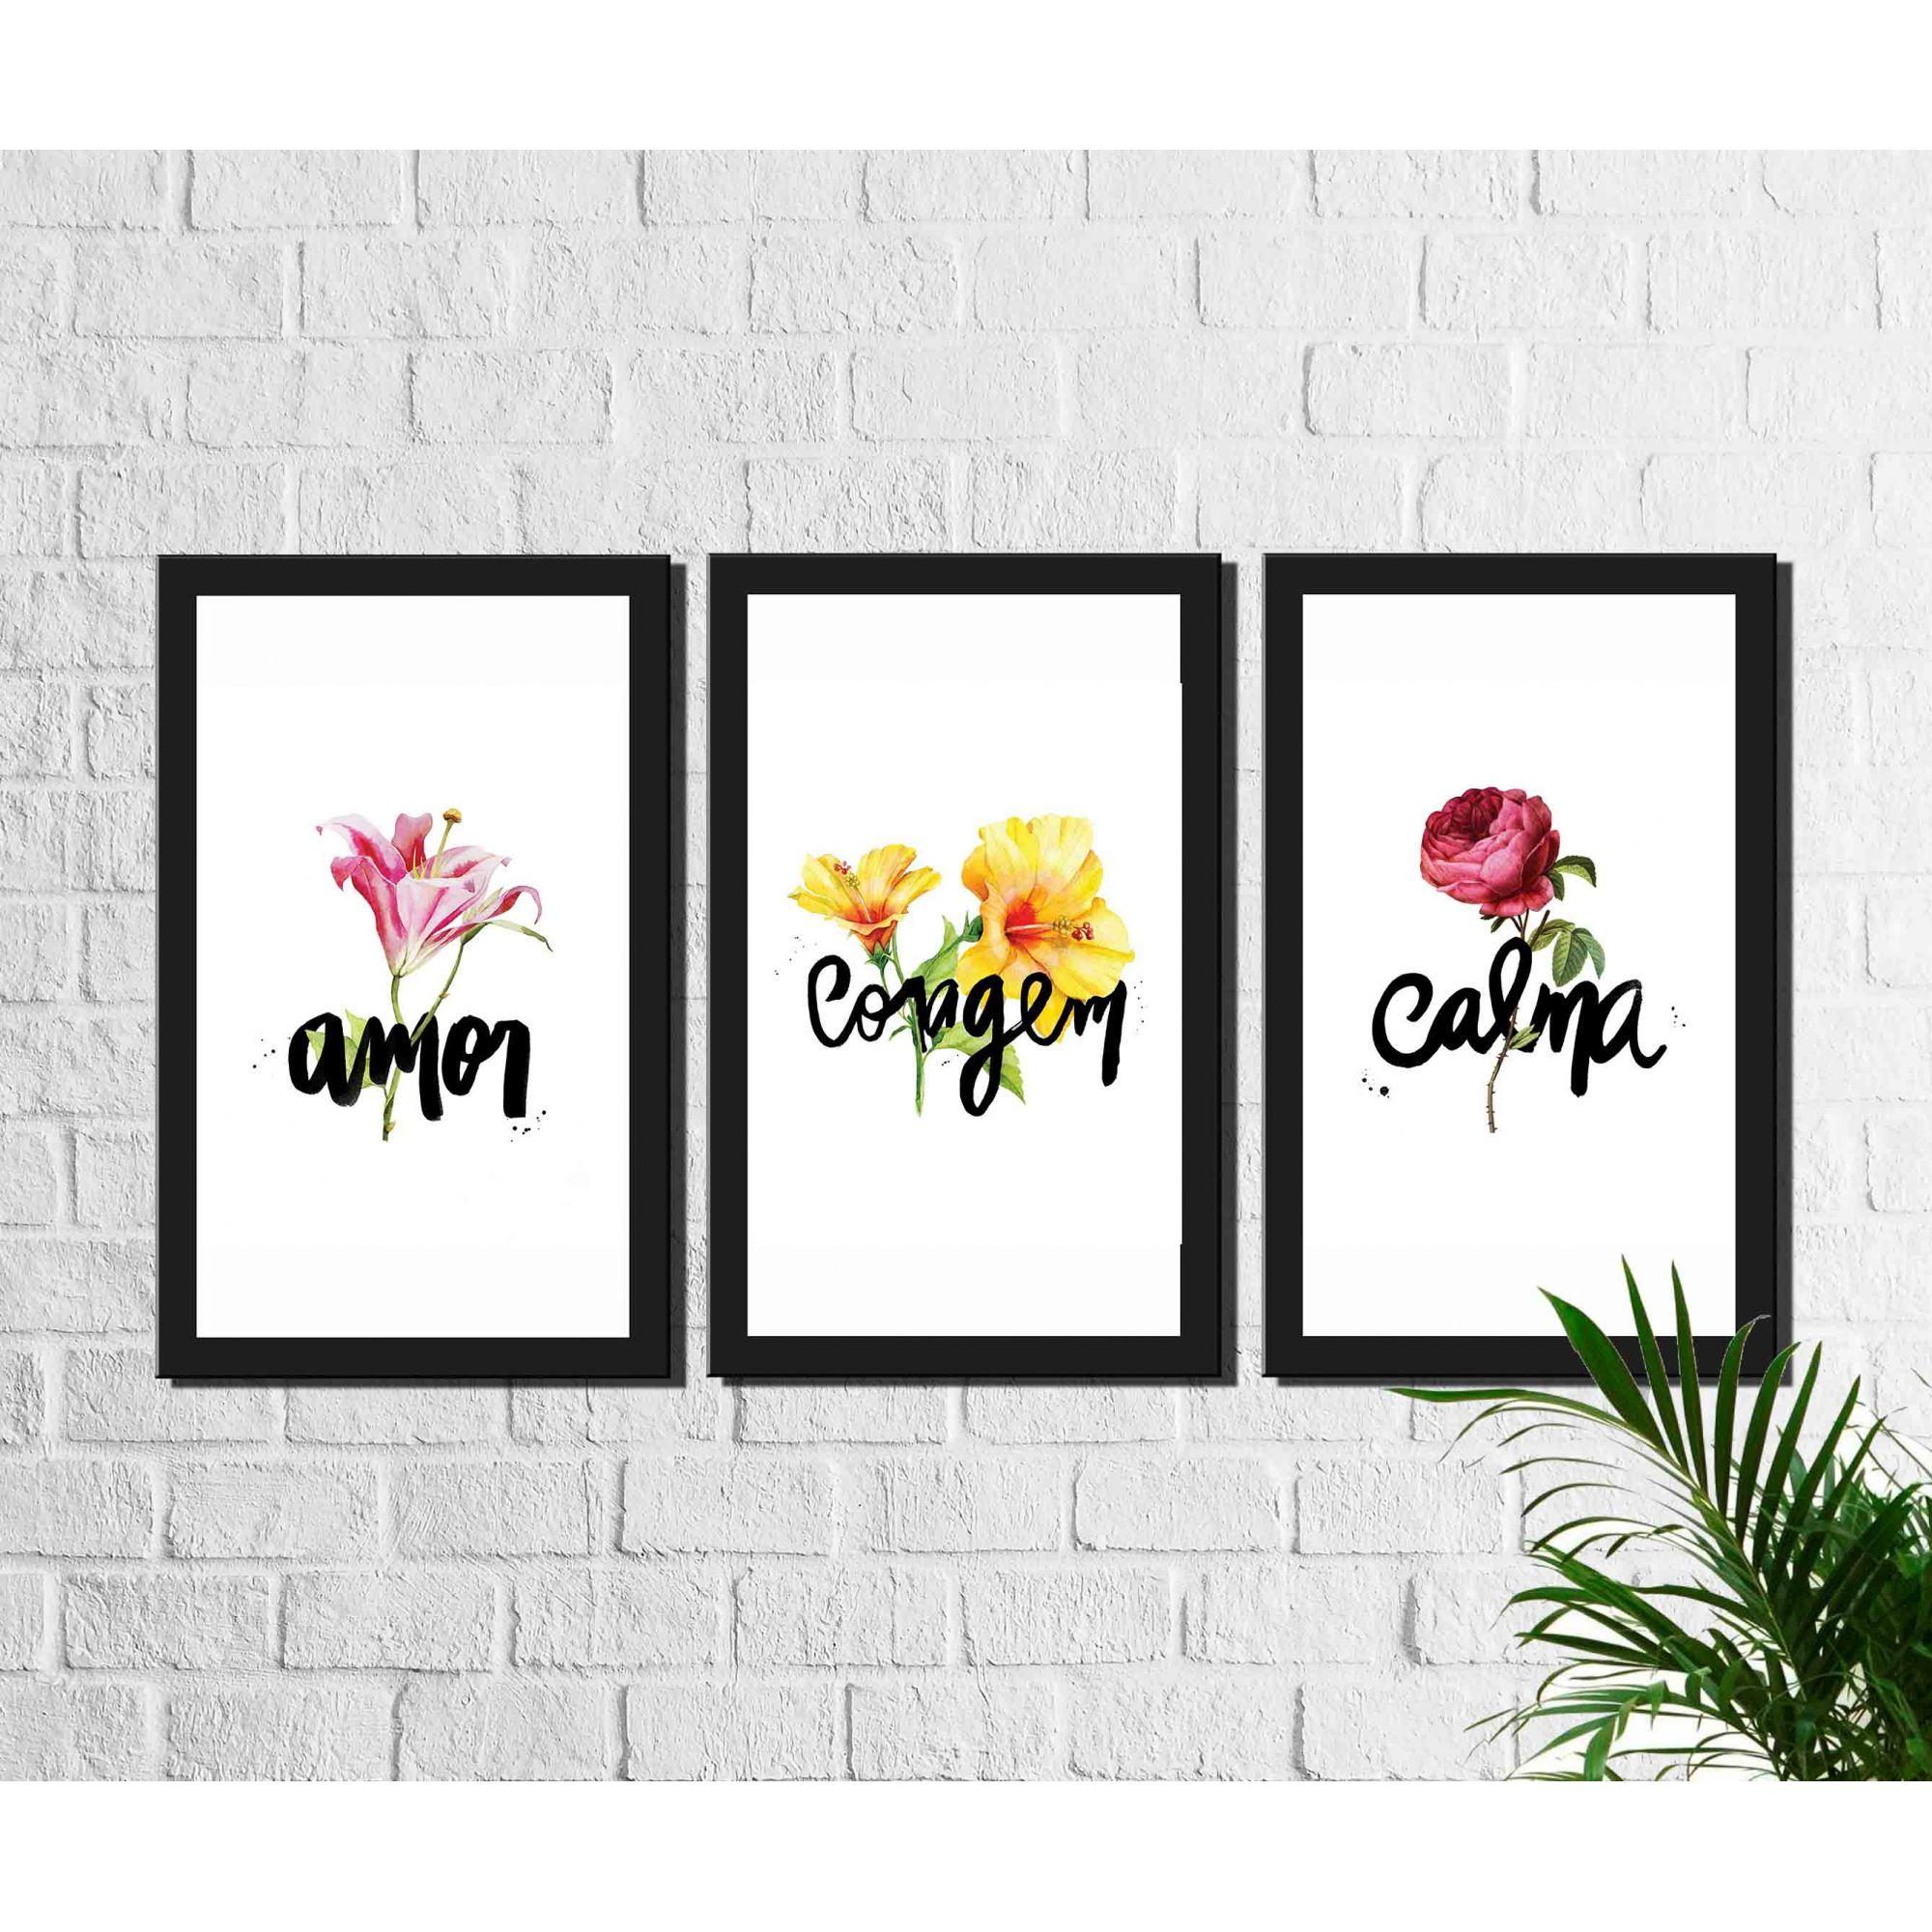 Kit 3 Quadros Decorativos Amor Coragem Calma com Flores